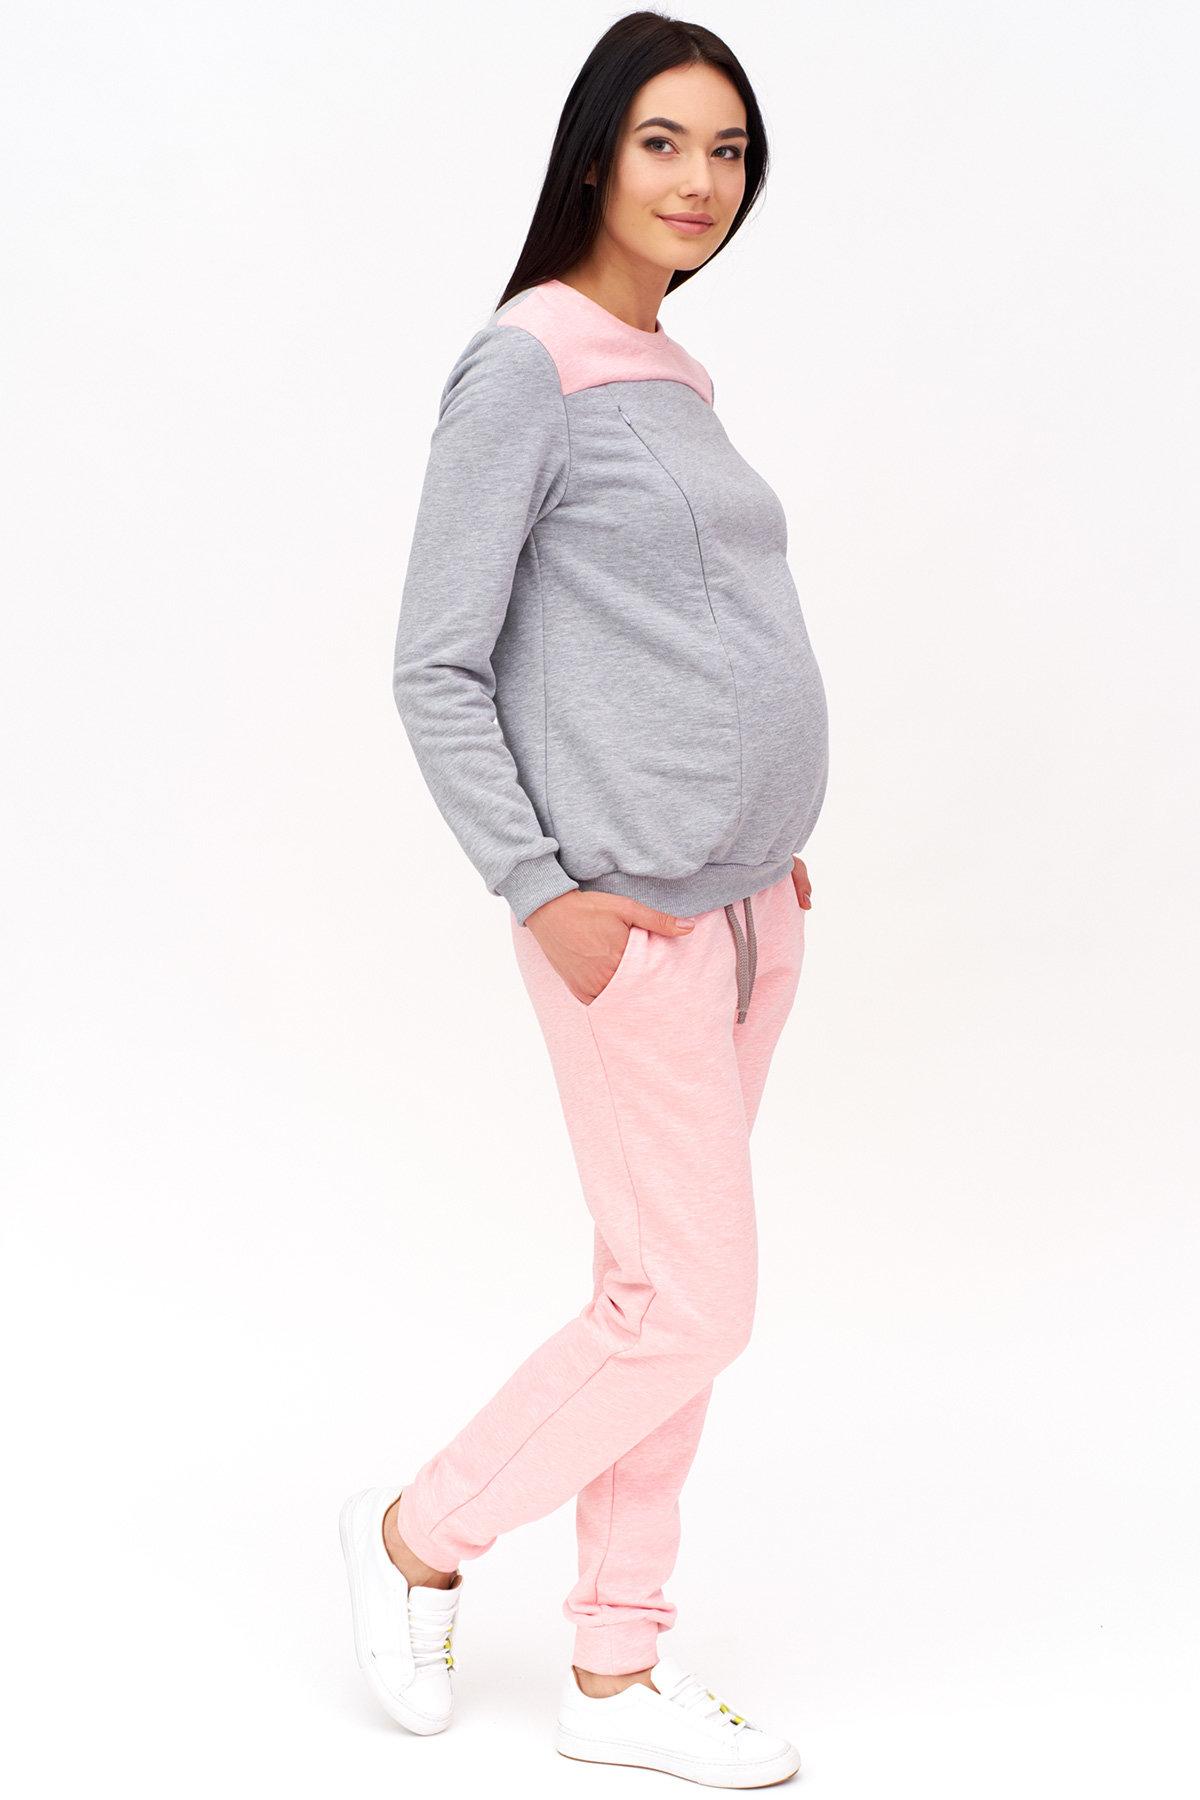 Одежда беременным картинка